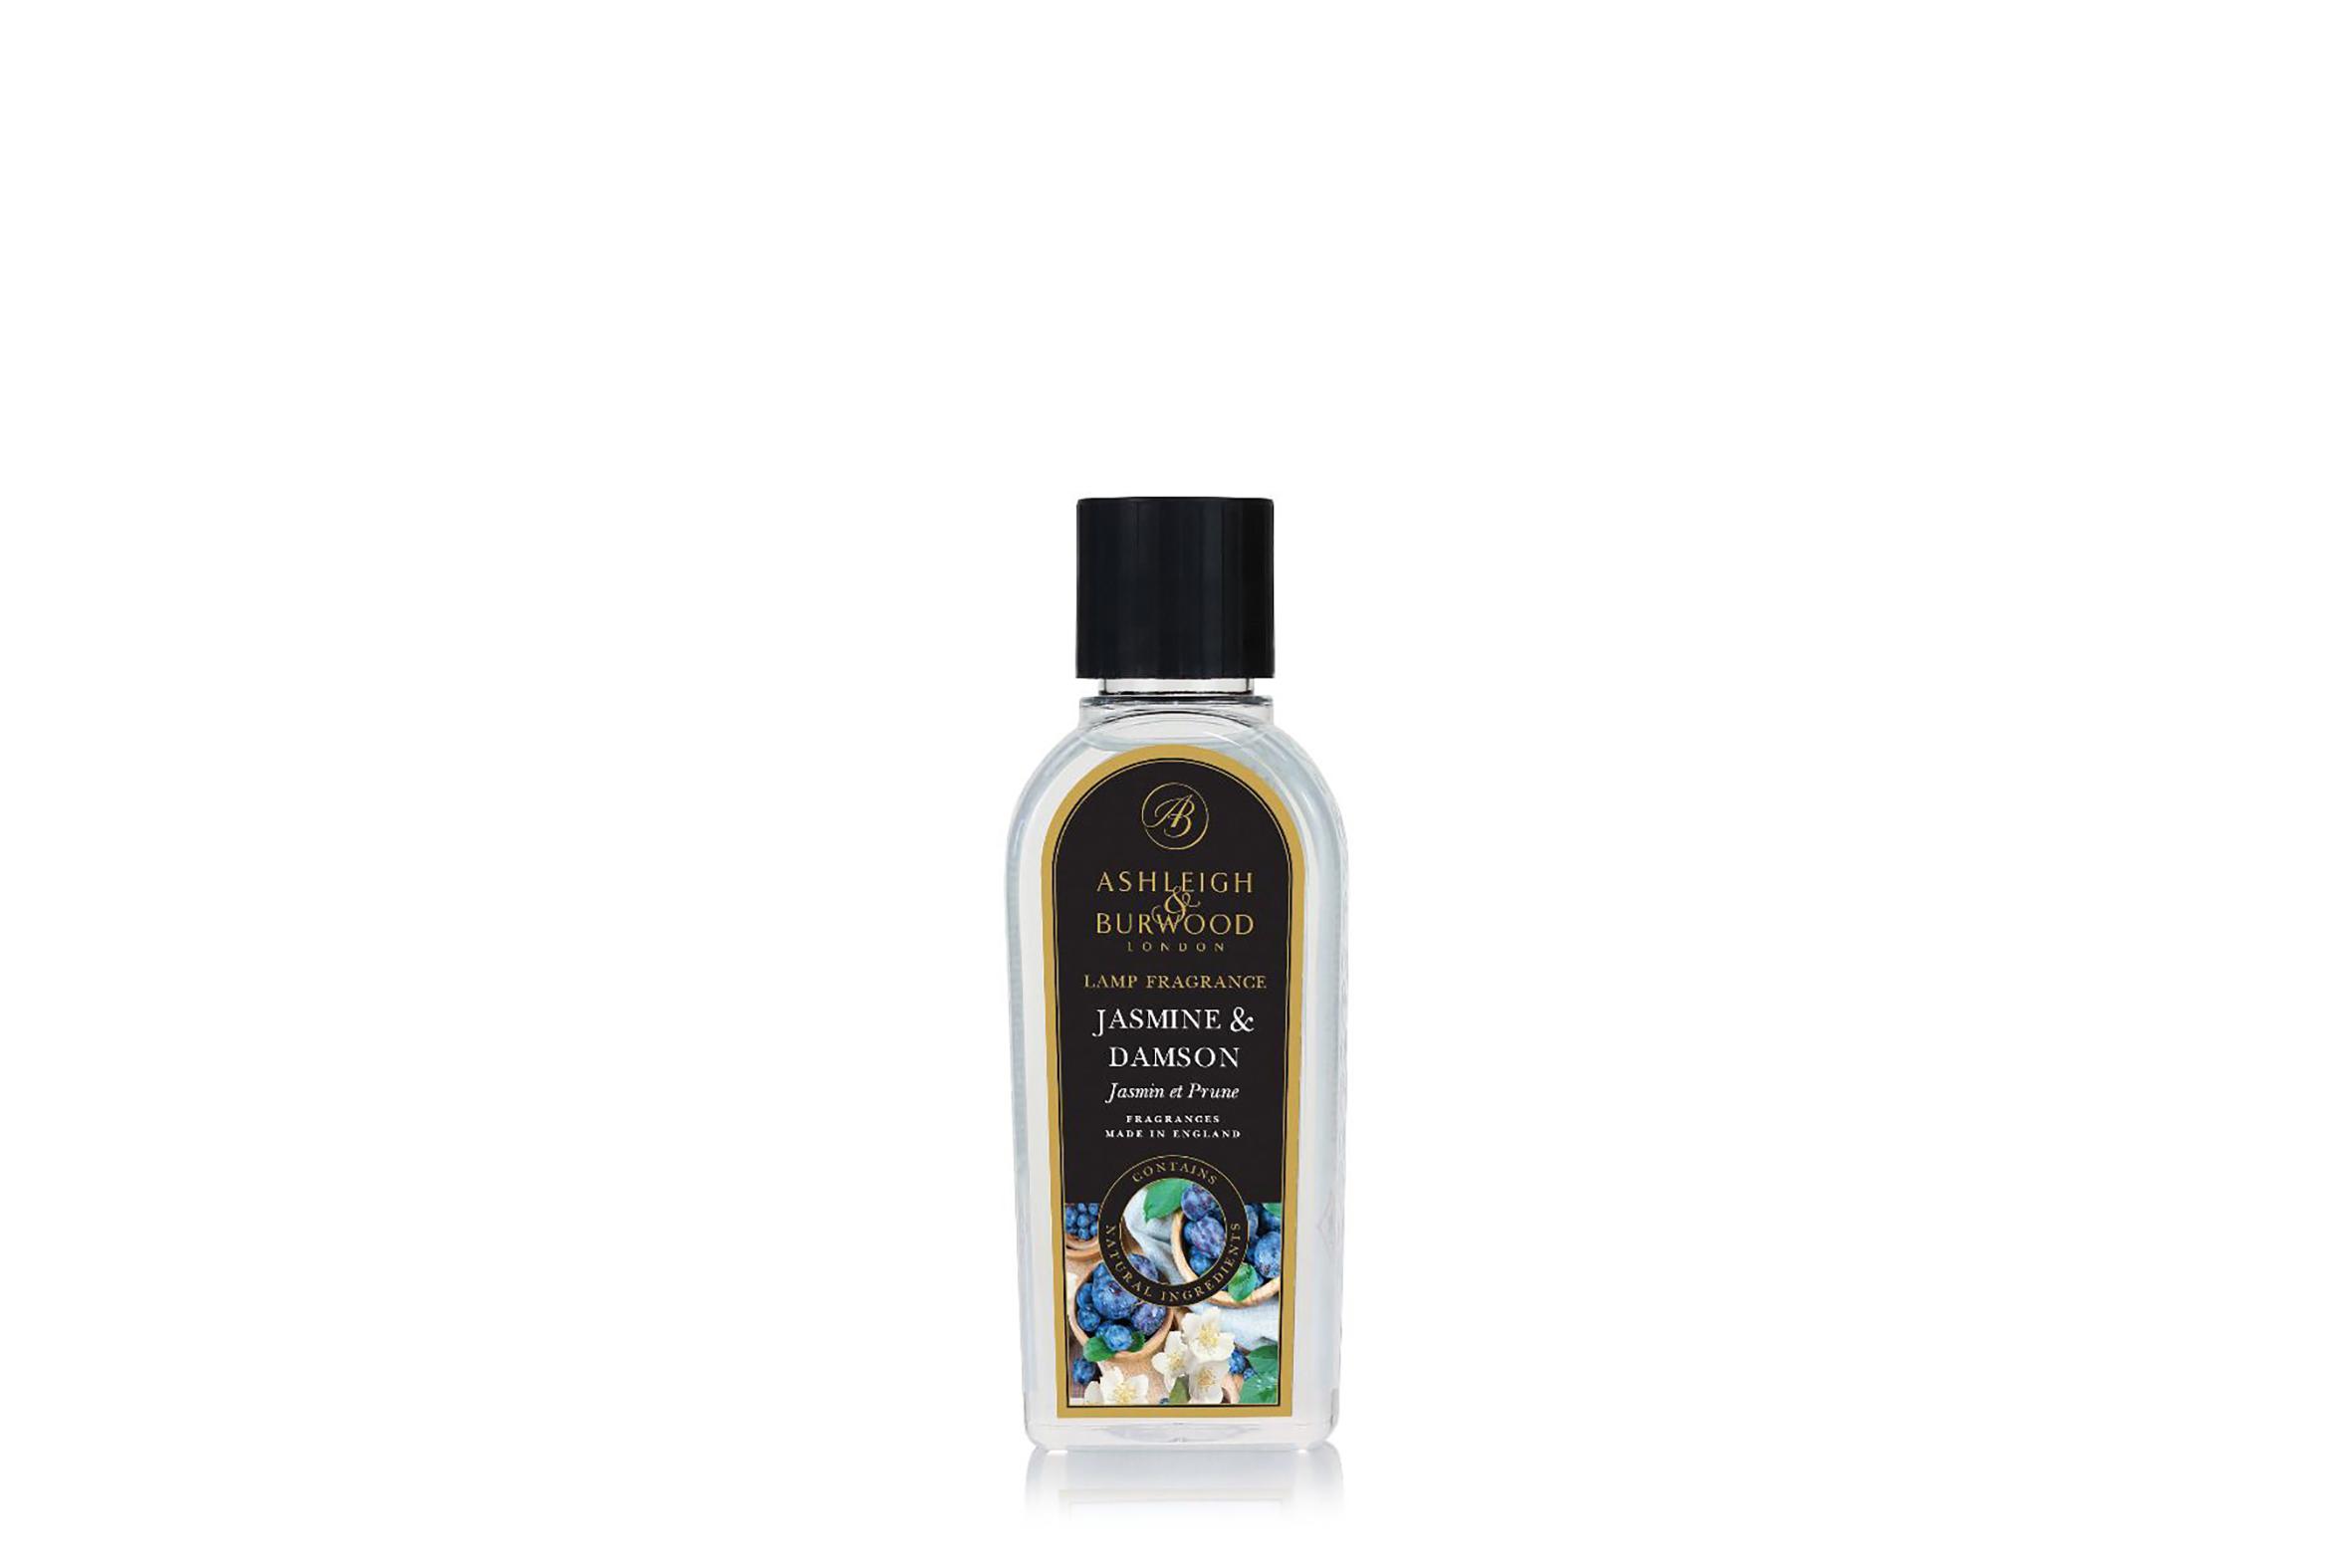 Geurlamp olie Jasmine & Damson S